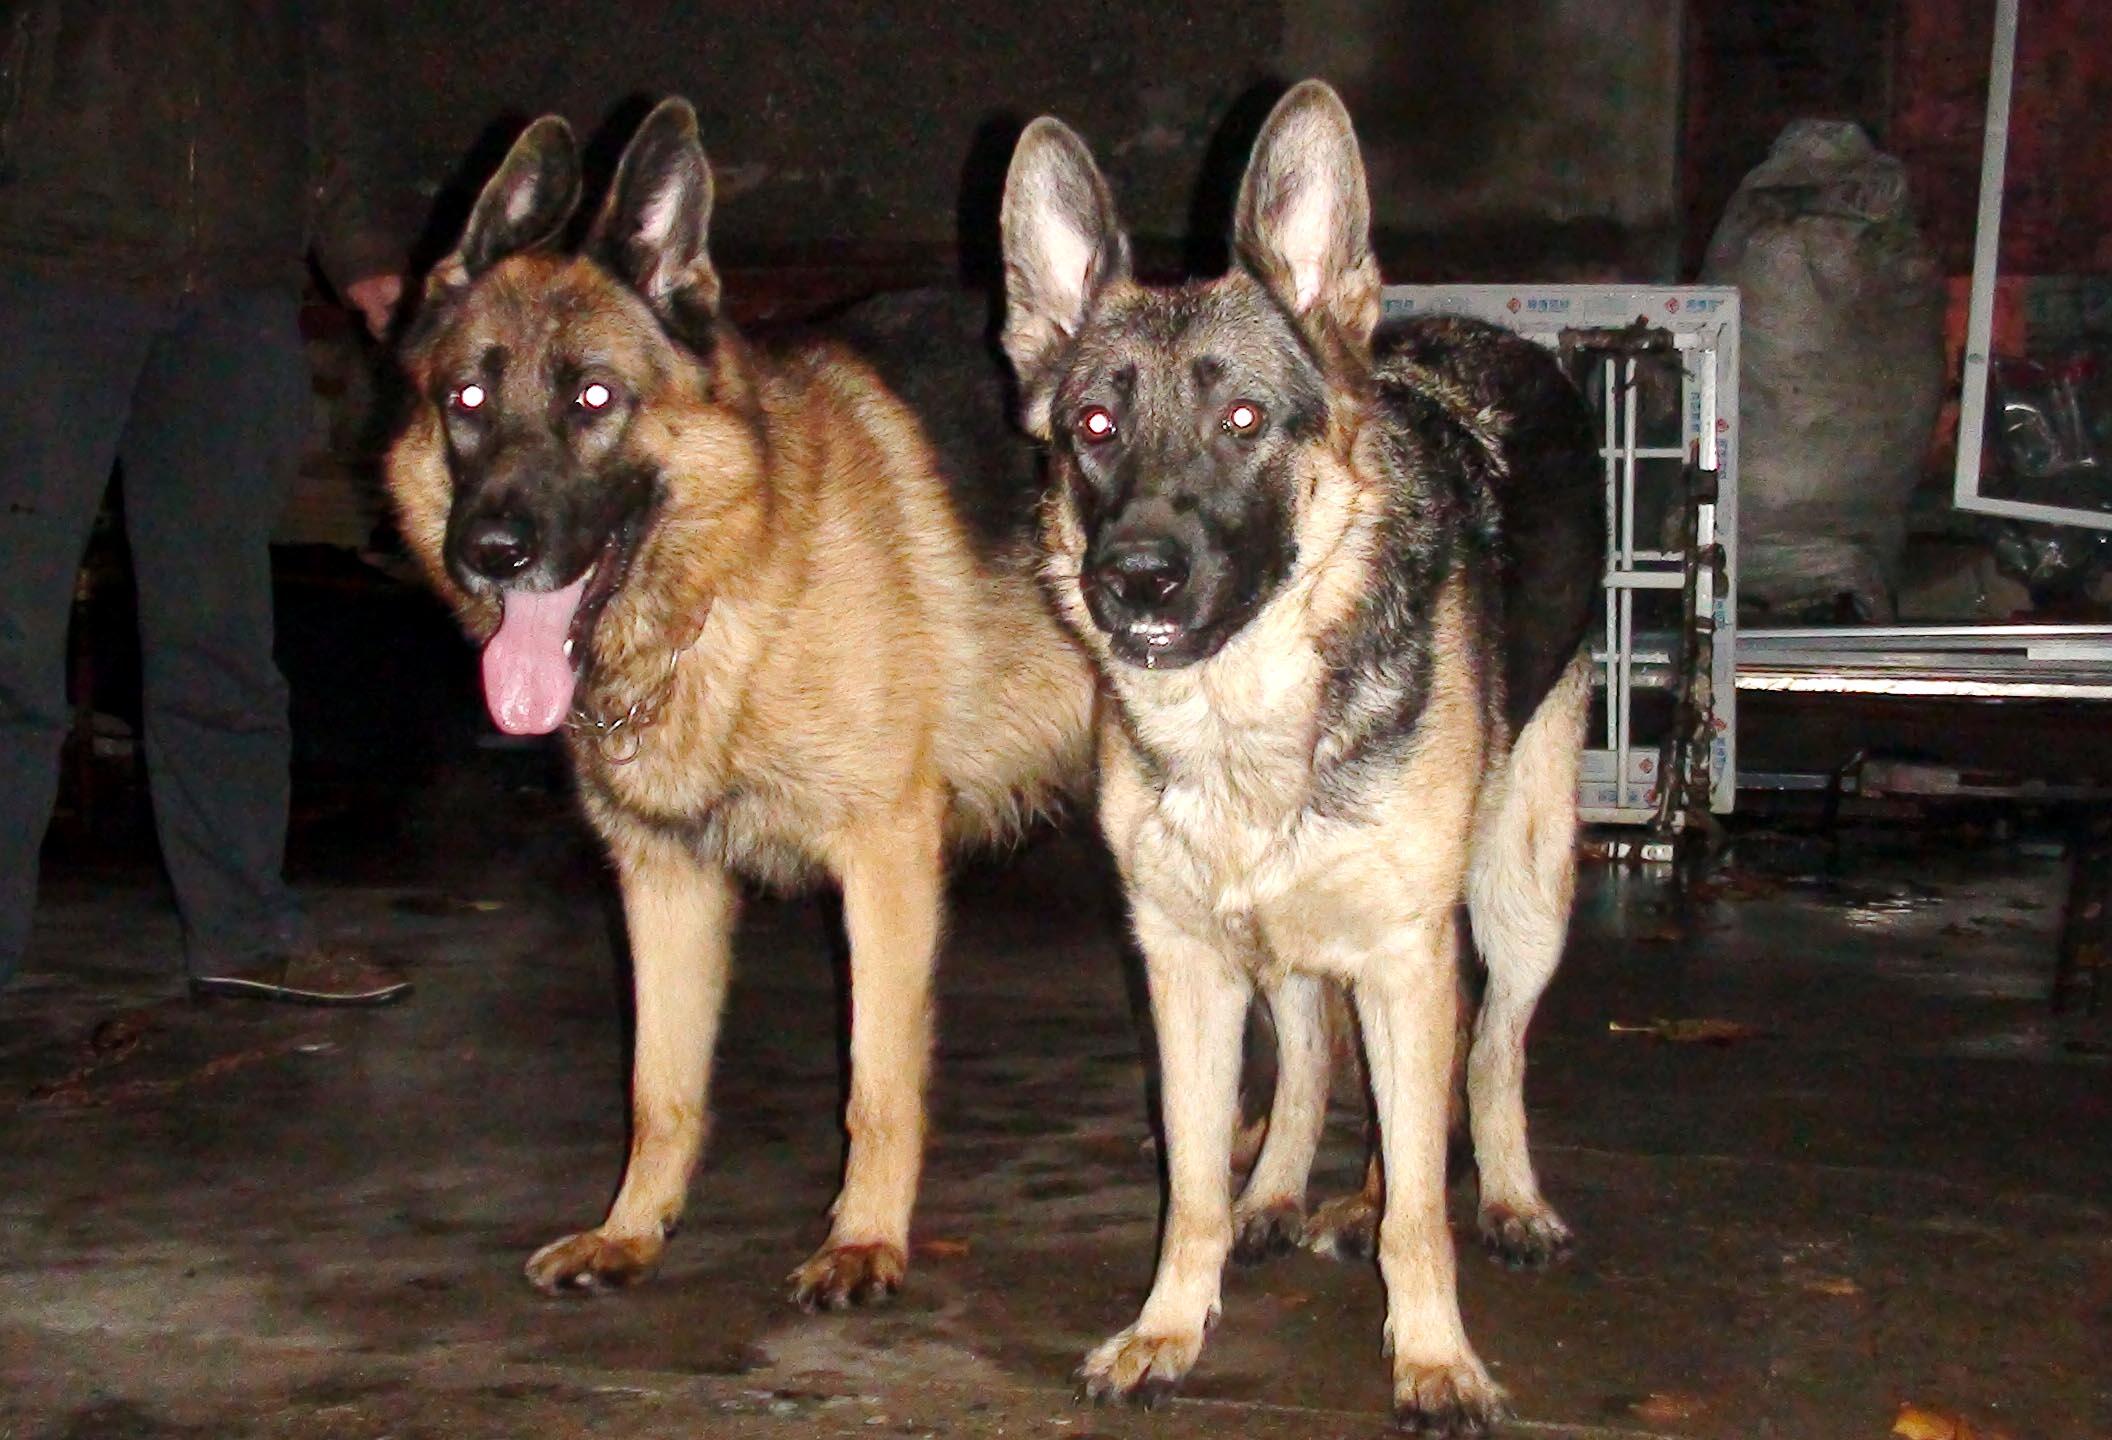 孕和狗干电影_与纯种狗交配一般一窝是2到4只小狗 狗狗的交配与怀孕期 狗狗的发情